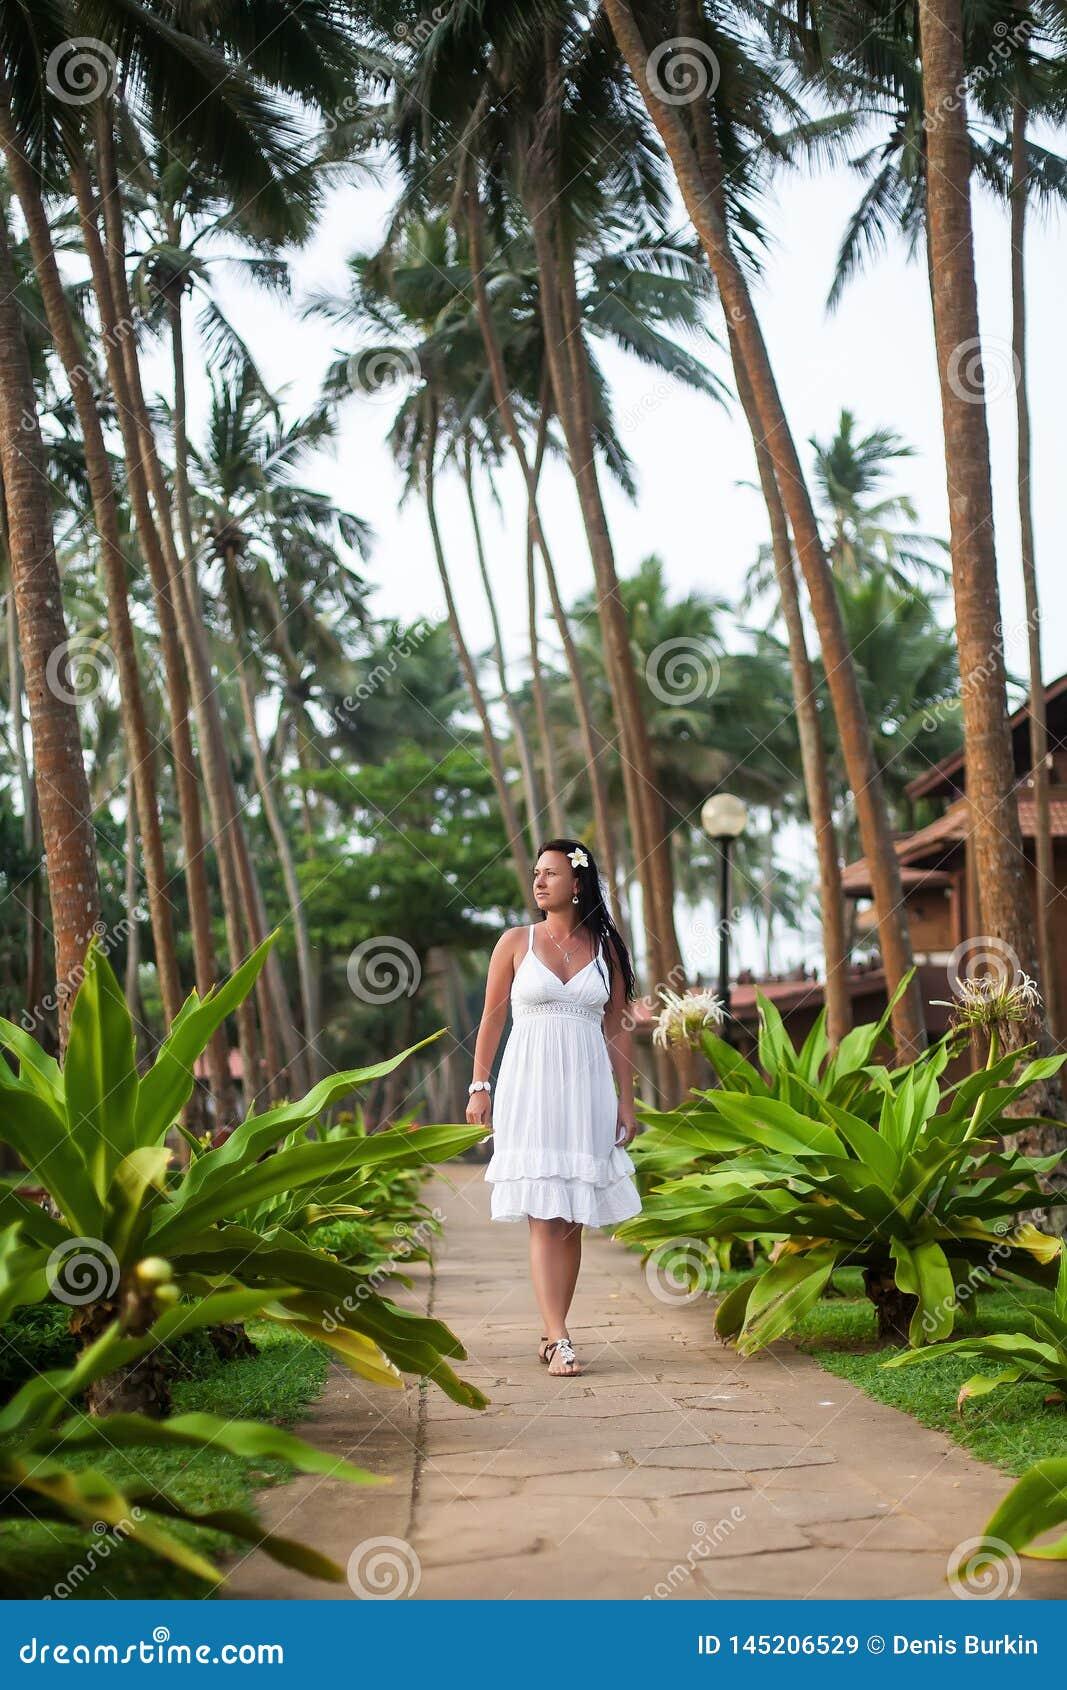 Девушка идет среди пальм девушка отдыхая на лужайке невеста на медовом месяце территория гостиницы